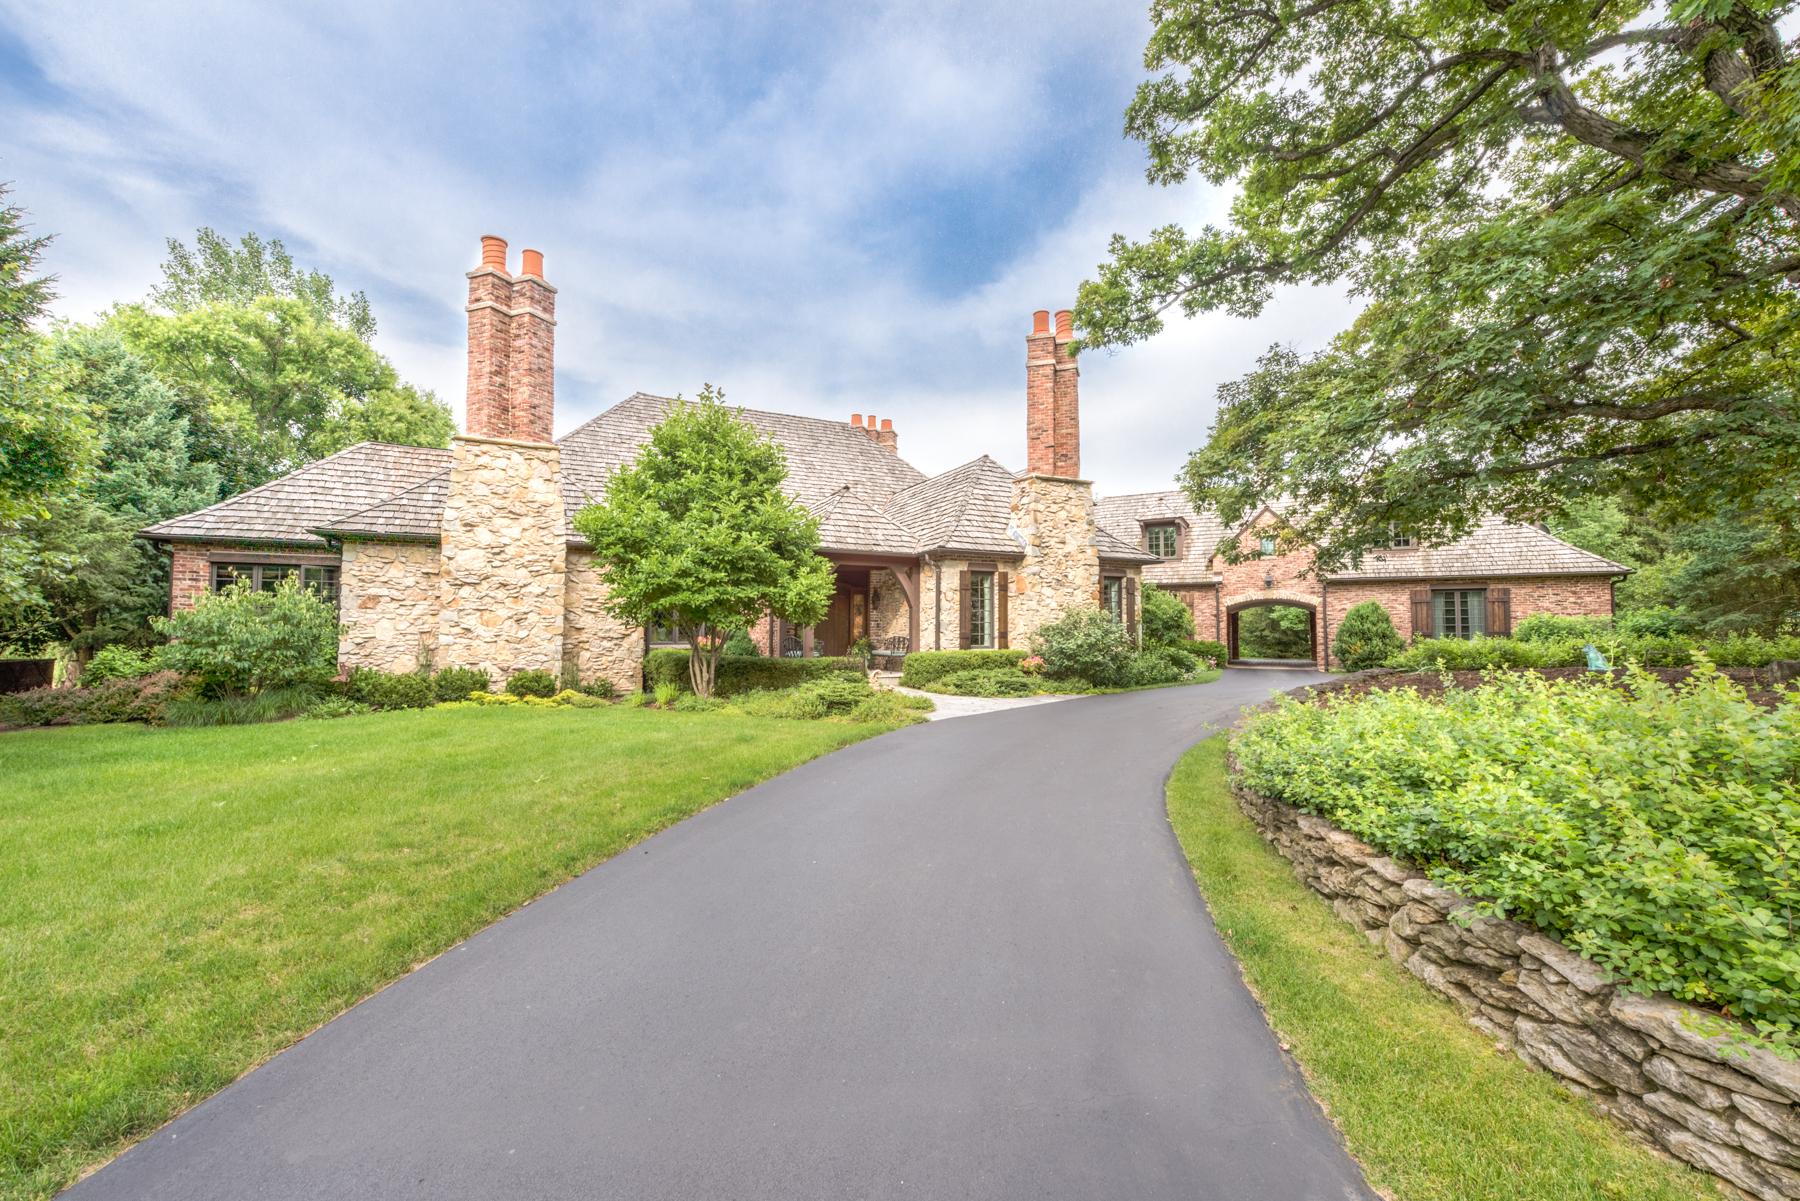 Villa per Vendita alle ore 12 Kensington Drive North Barrington, Illinois 60010 Stati Uniti